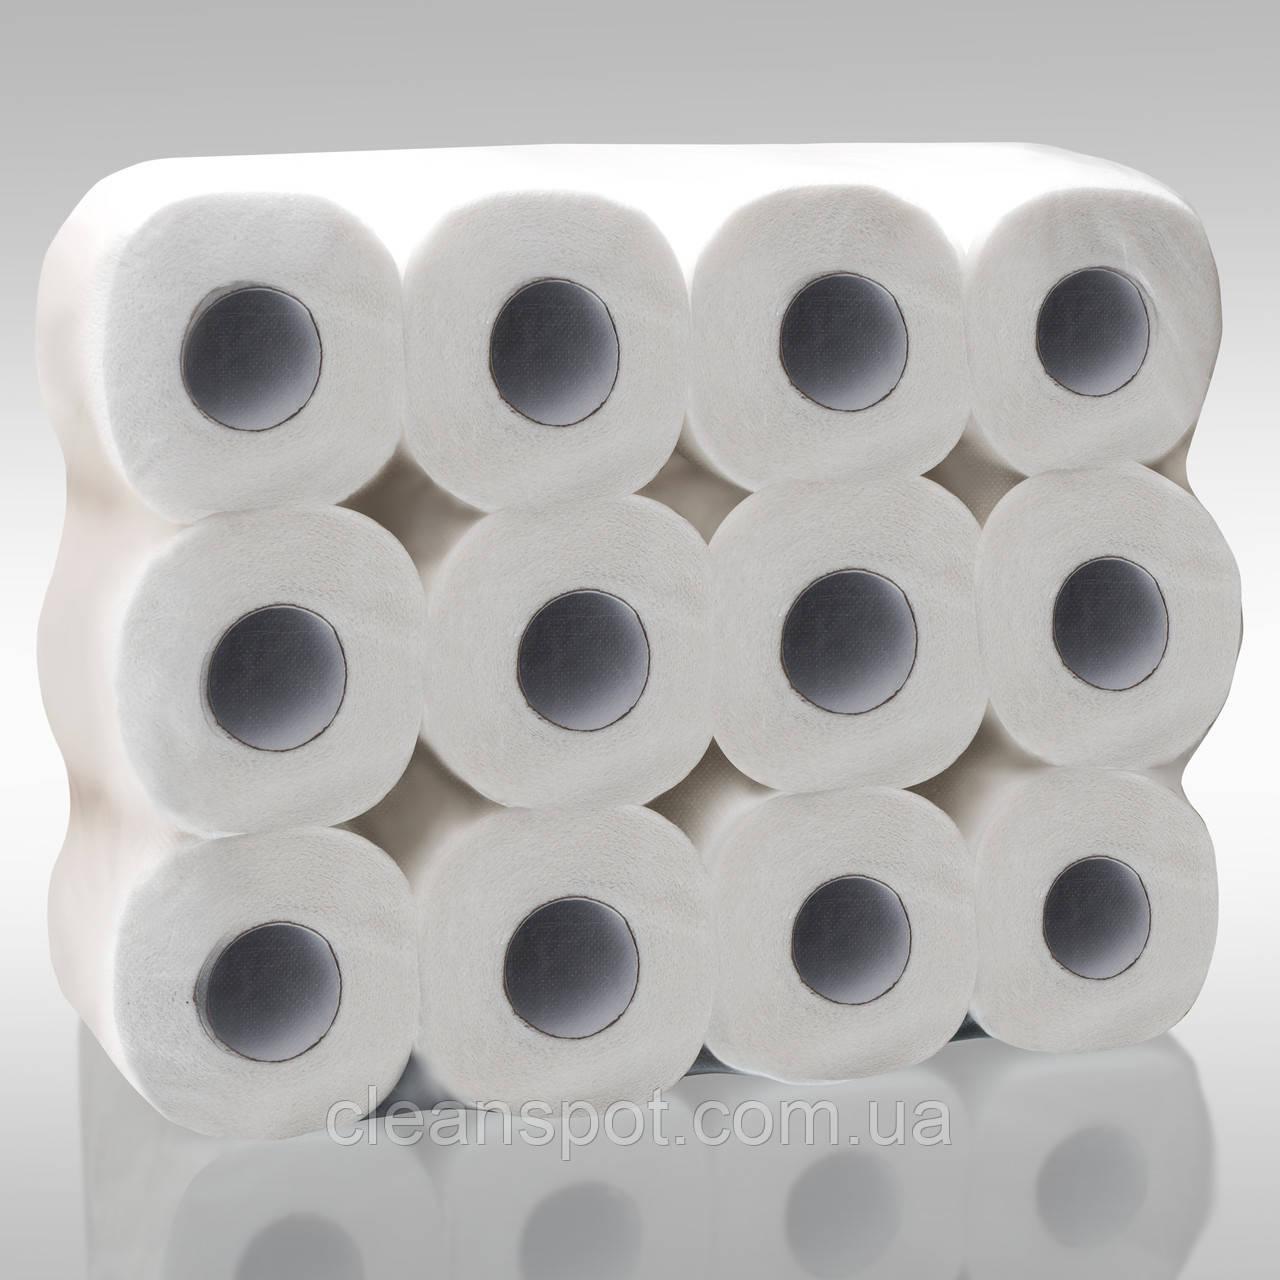 Туалетная бумага 16м натурал 2слойная мягкая с ламинацией Eco Point 24рул/уп